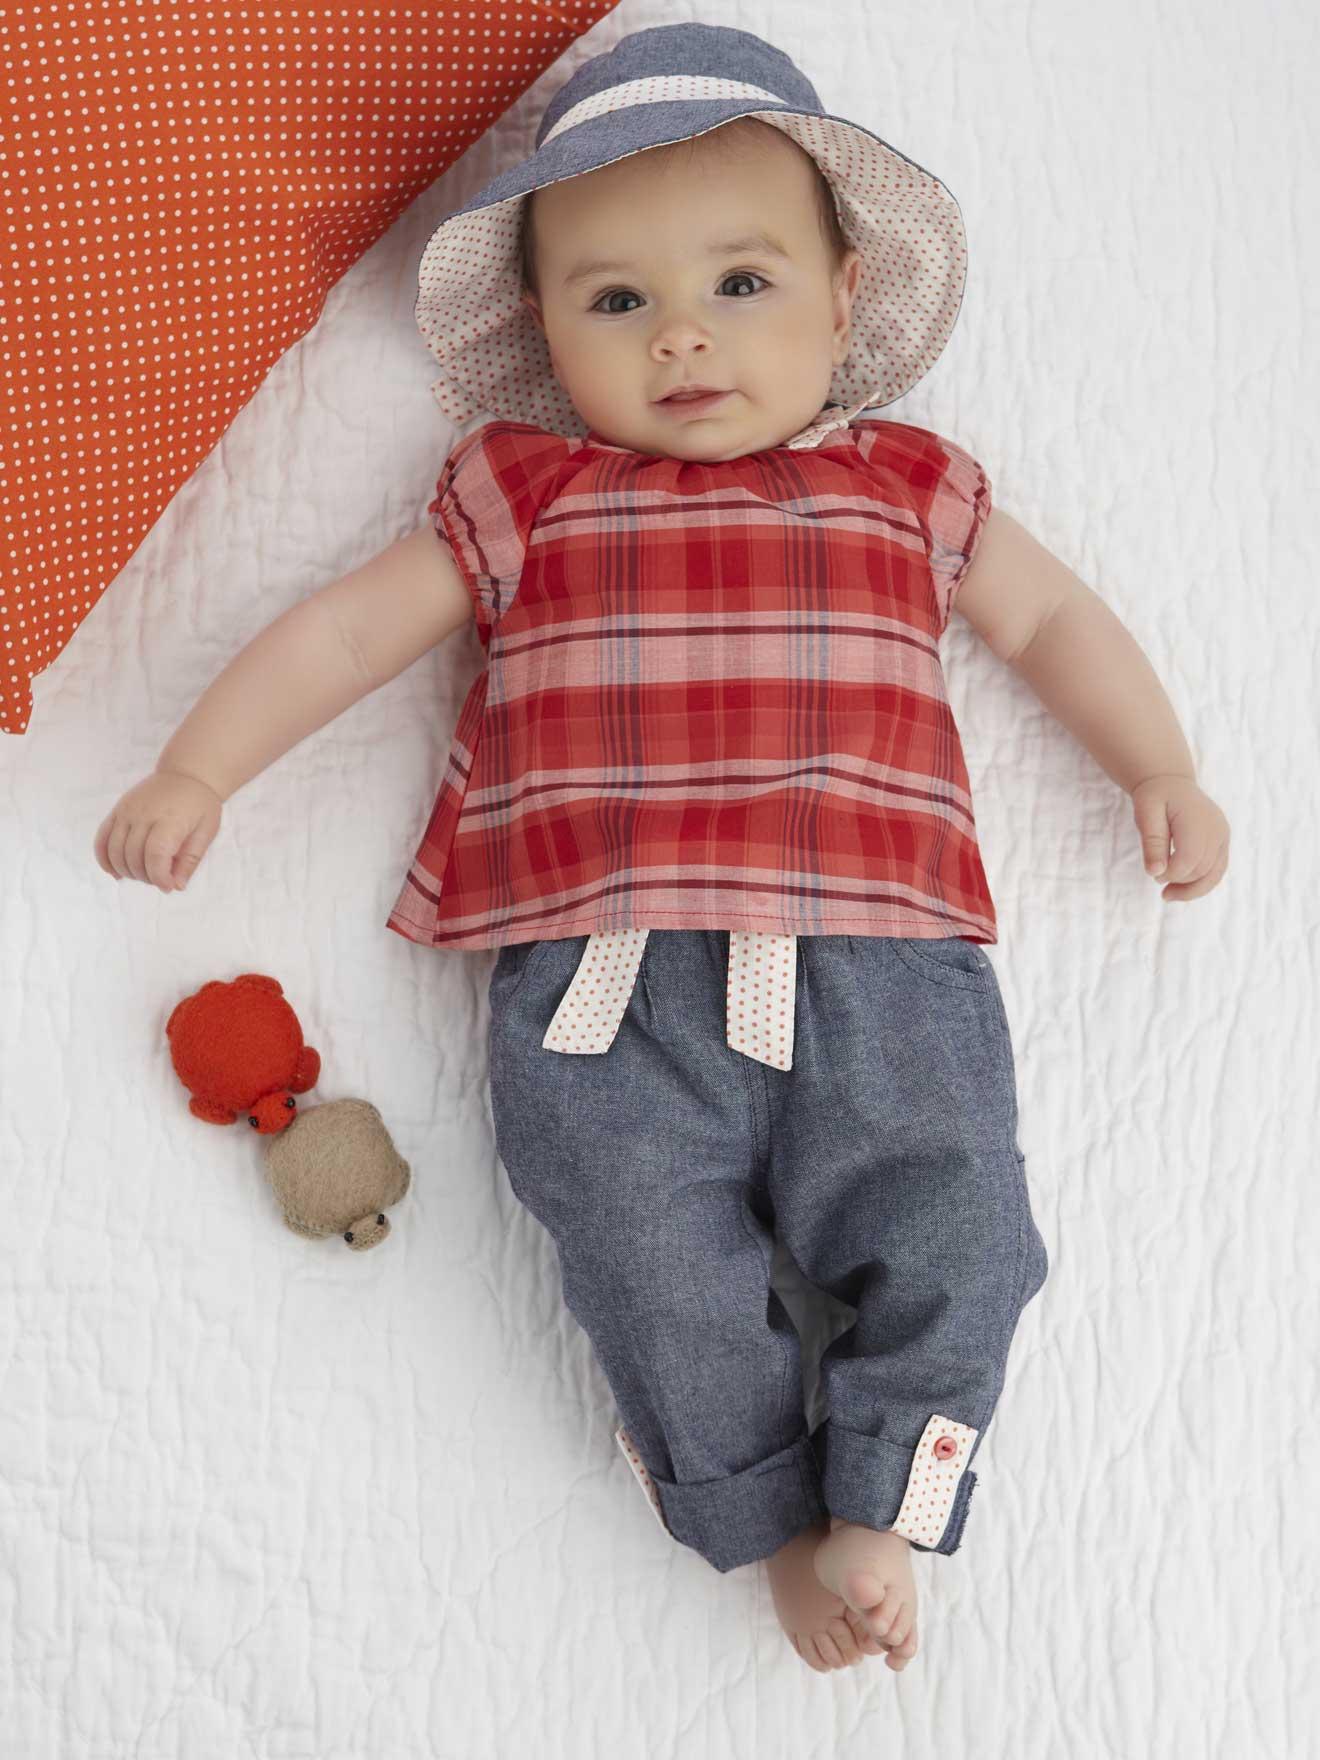 بالصور ملابس الاطفال , احدث صيحات لبس الاطفال 2724 6